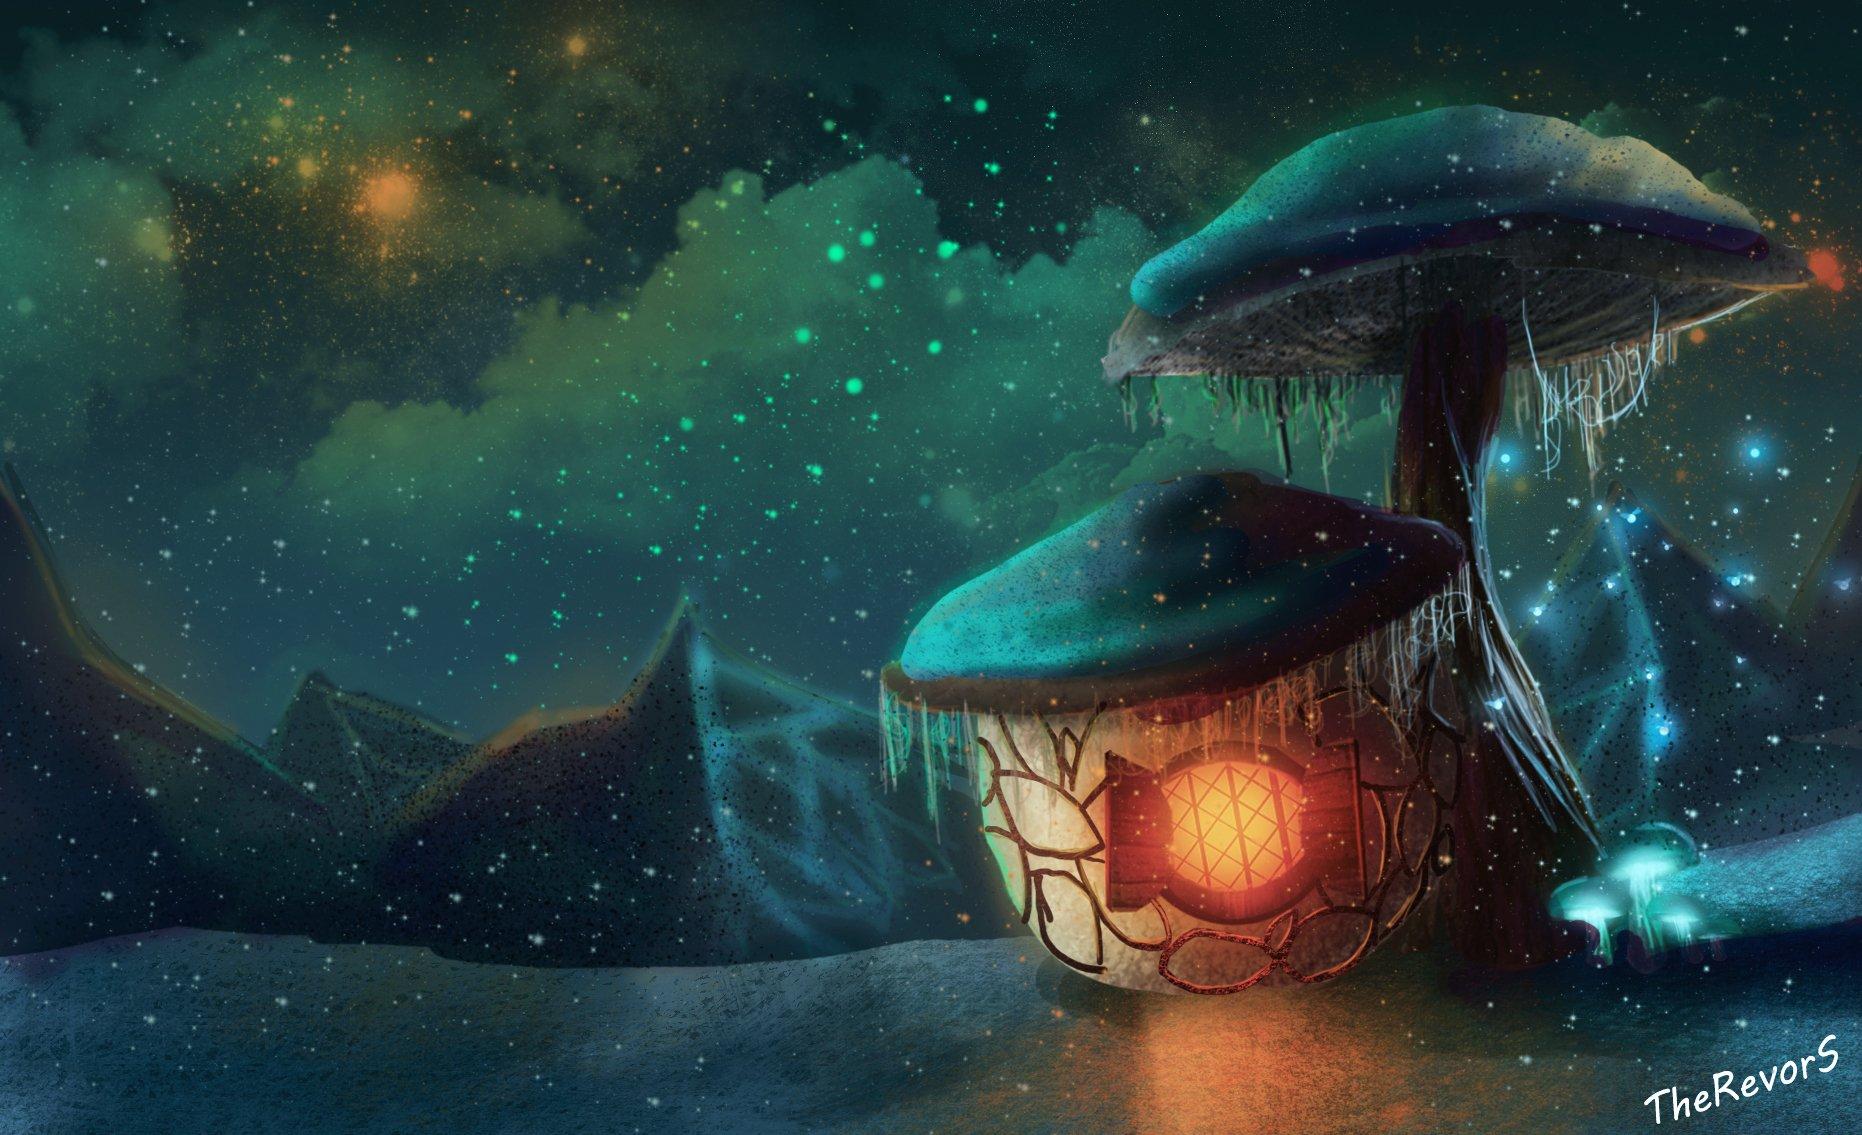 78 morrowind wallpaper on wallpapersafari - Morrowind wallpaper ...